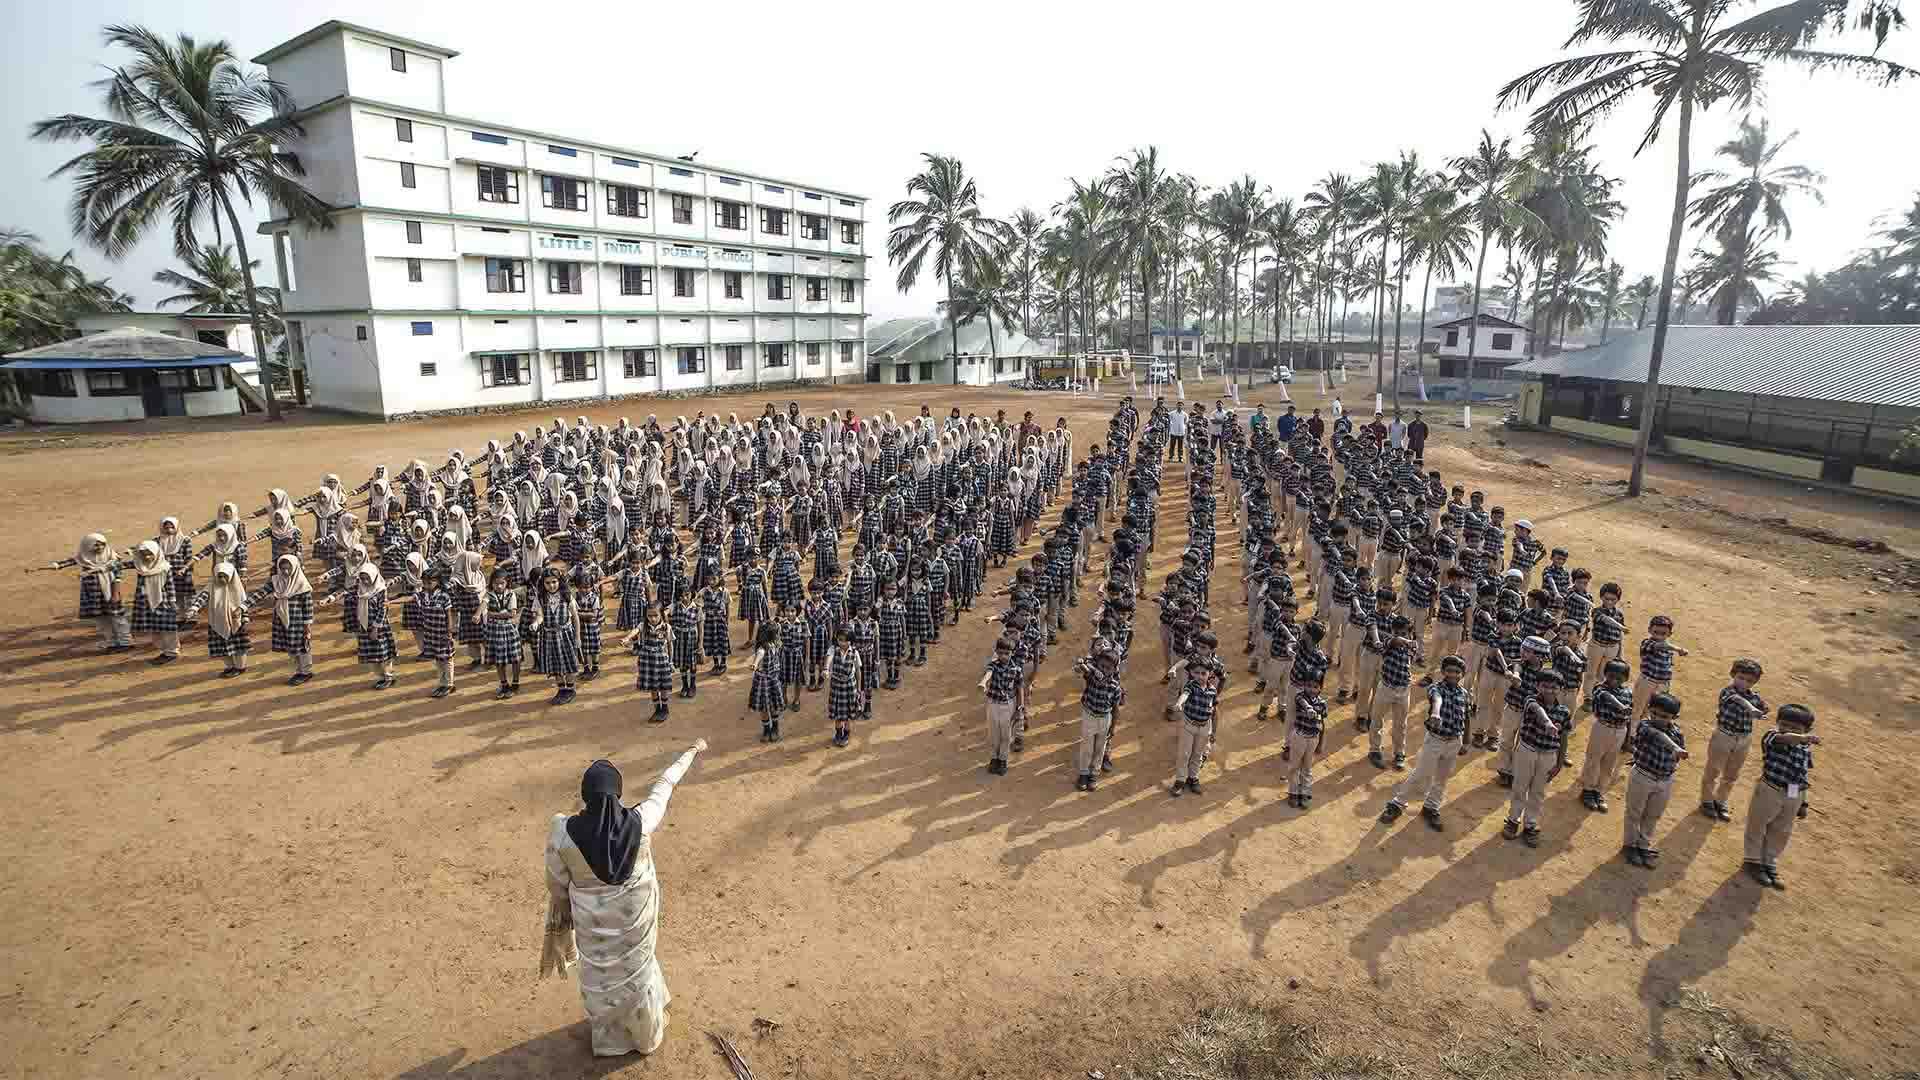 LIPS Little india Public school